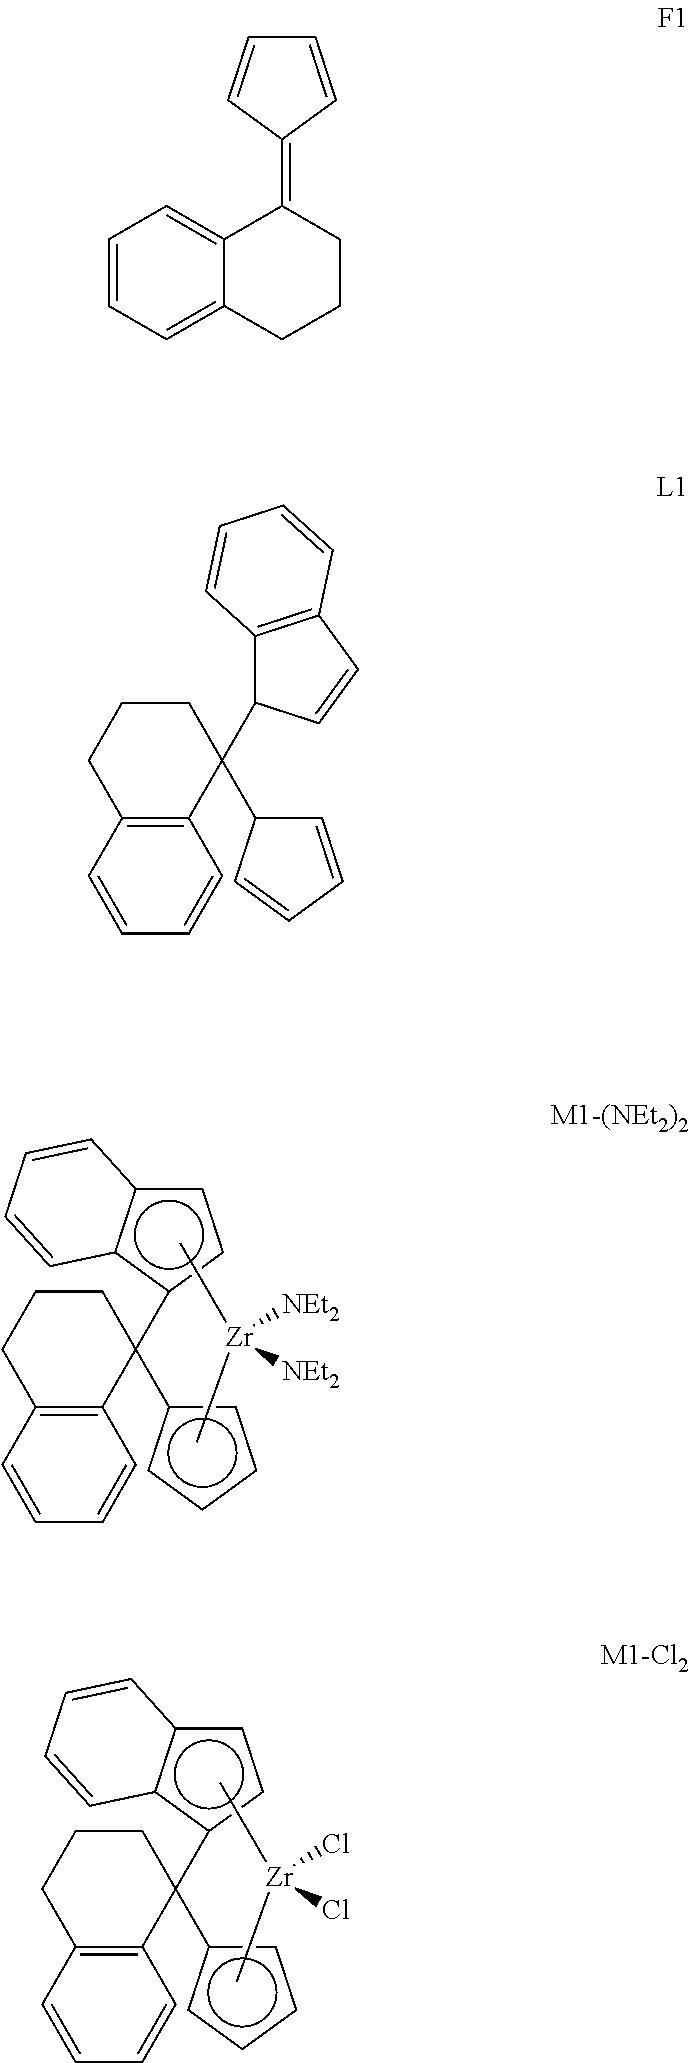 Figure US09758600-20170912-C00009